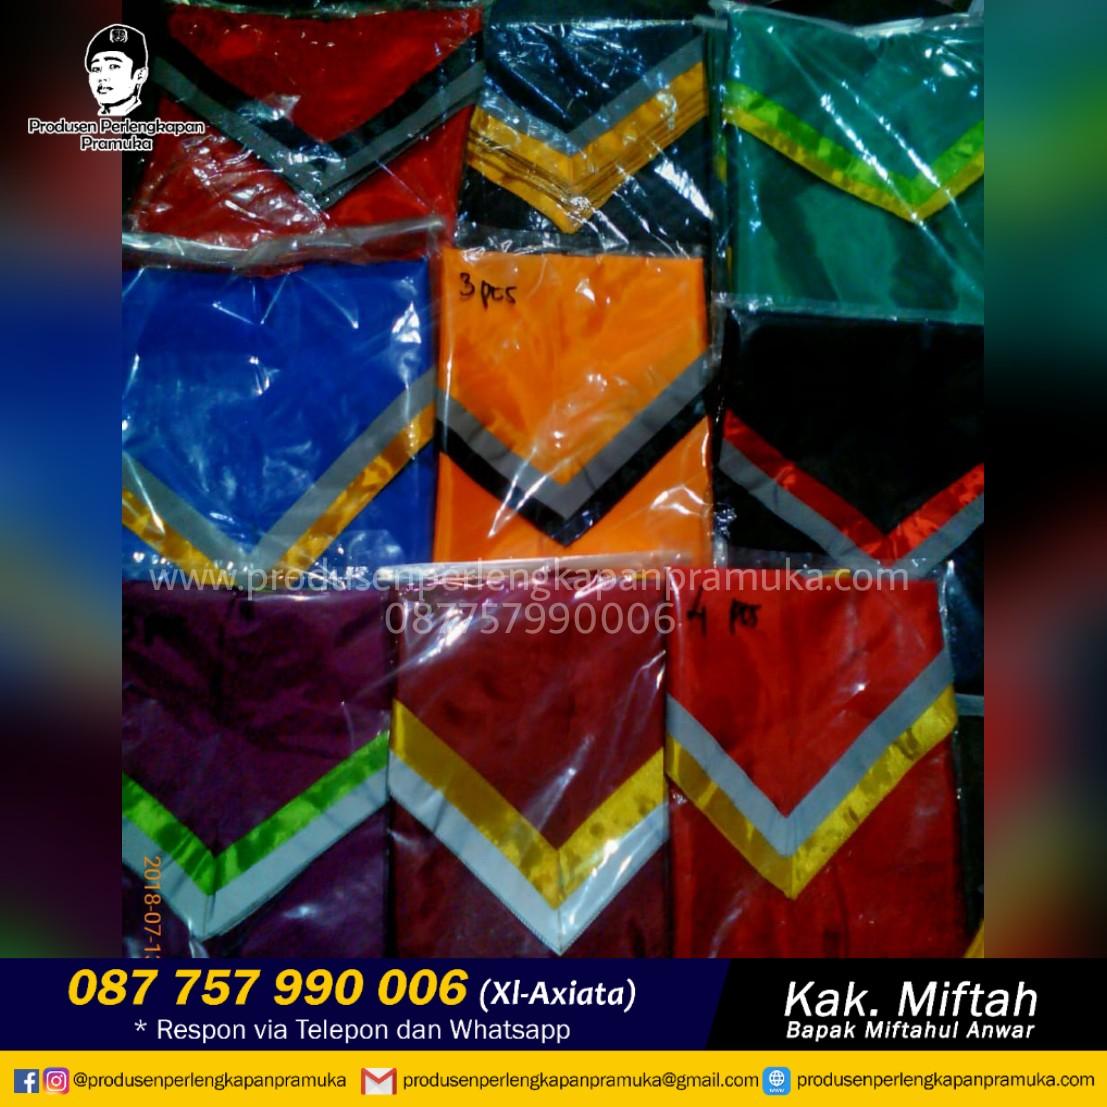 WA : +62 877-5799-0006 Jual Scarf Pramuka Bogor | Grosir Scarf Pramuka Bogor | Produsen Scarf Pramuka Bogor